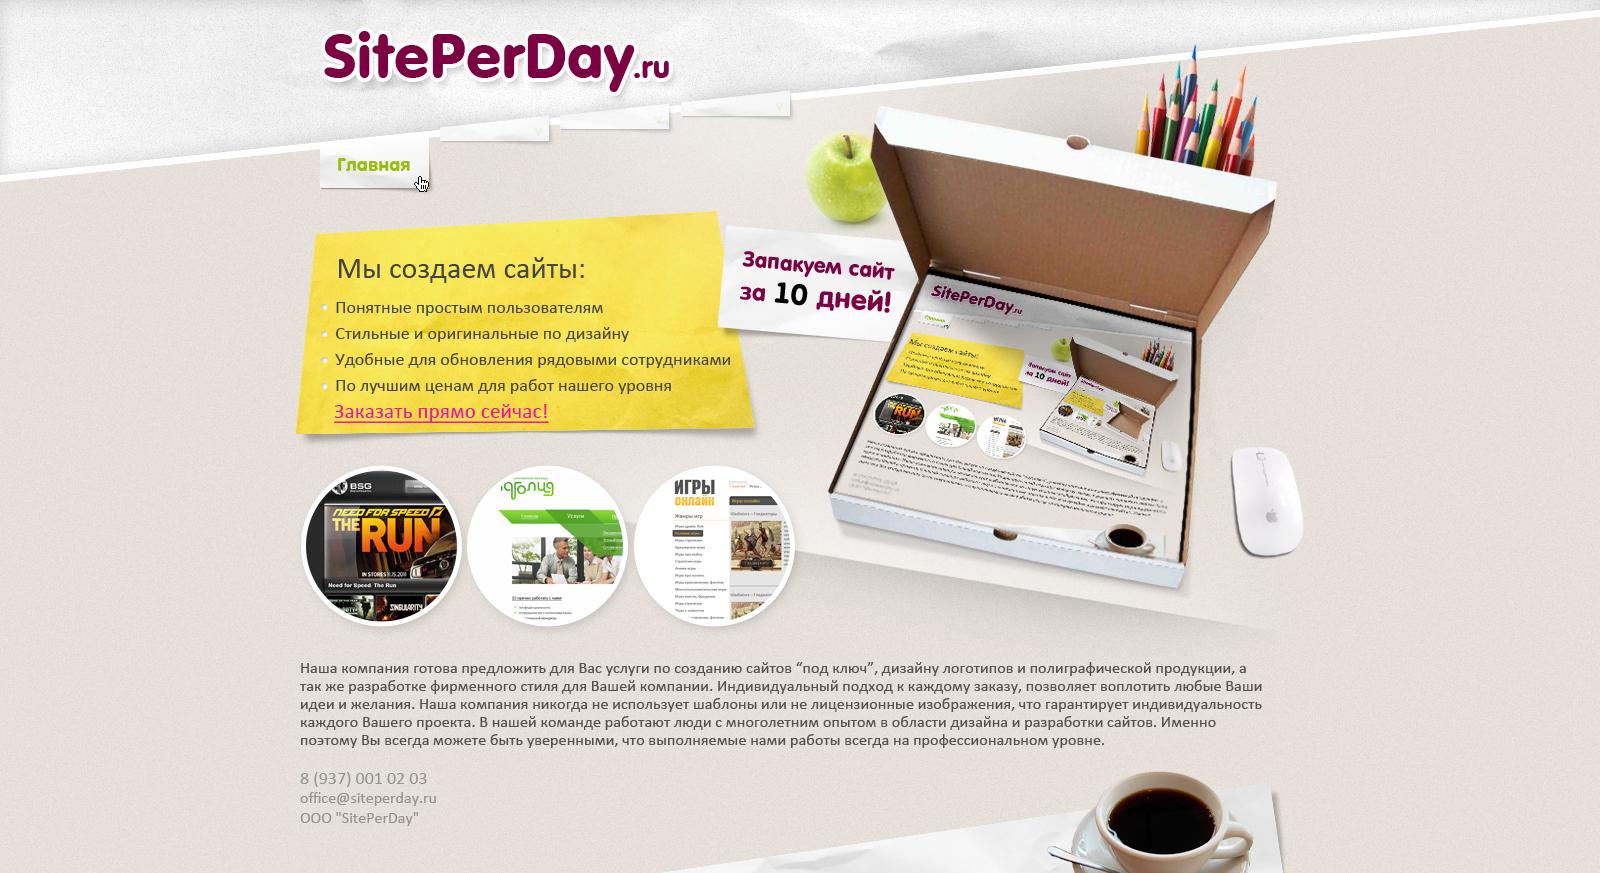 Сайт за 1 день